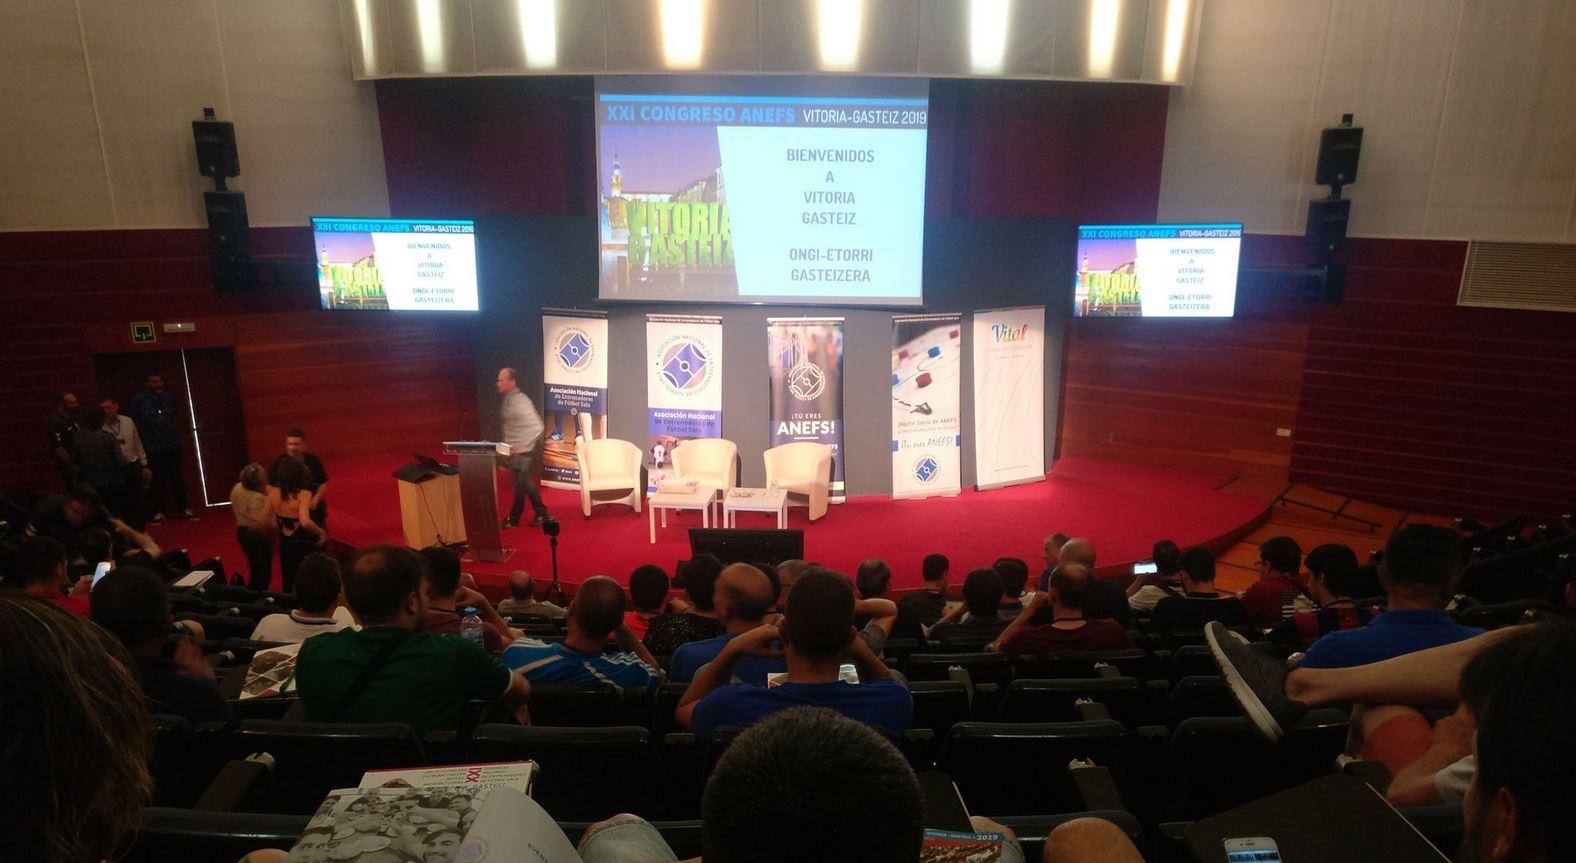 XXI Congreso de ANEFS: Notas a Vuela Pluma